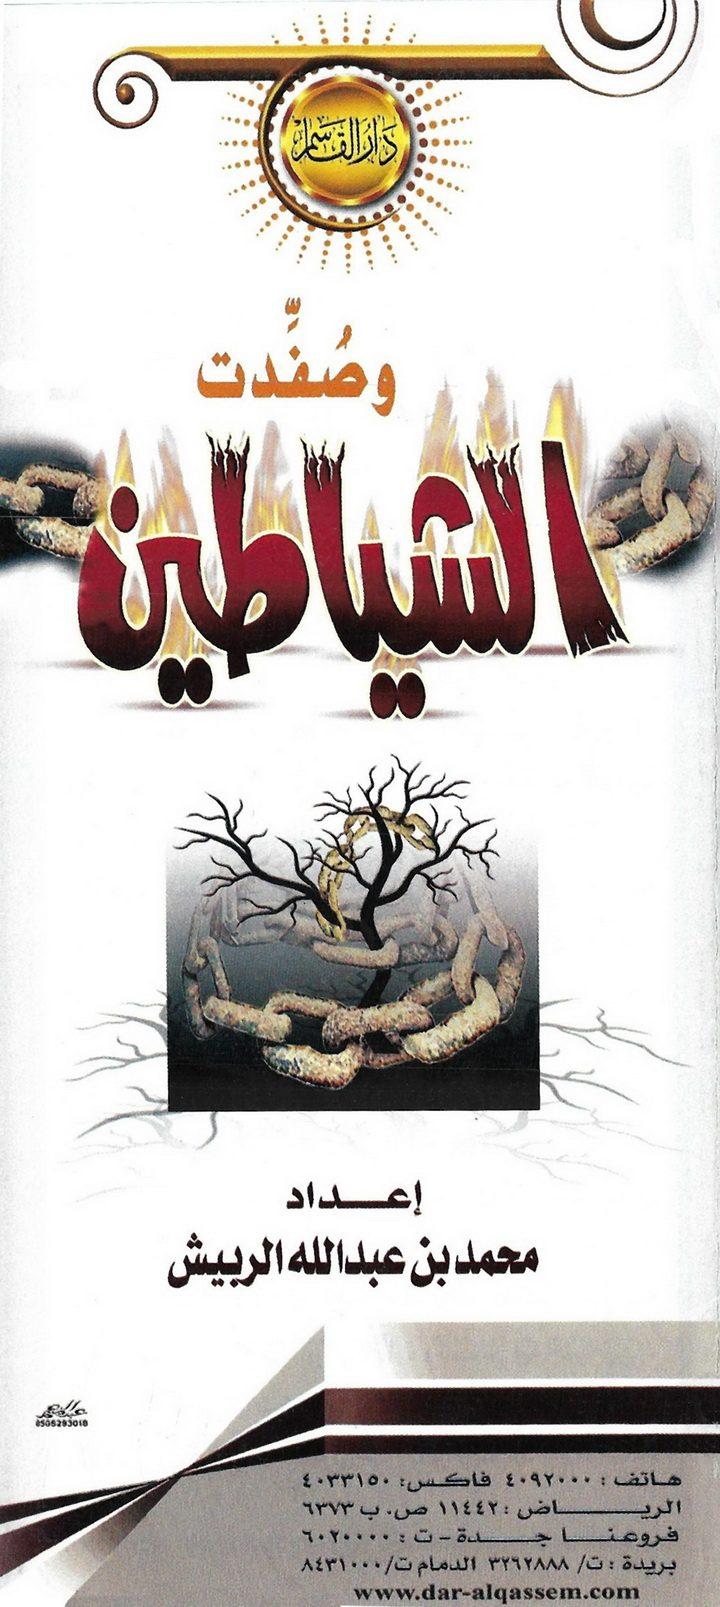 وصفّدت الشياطين (محمد بن عبد الله الربيش – دار القاسم)